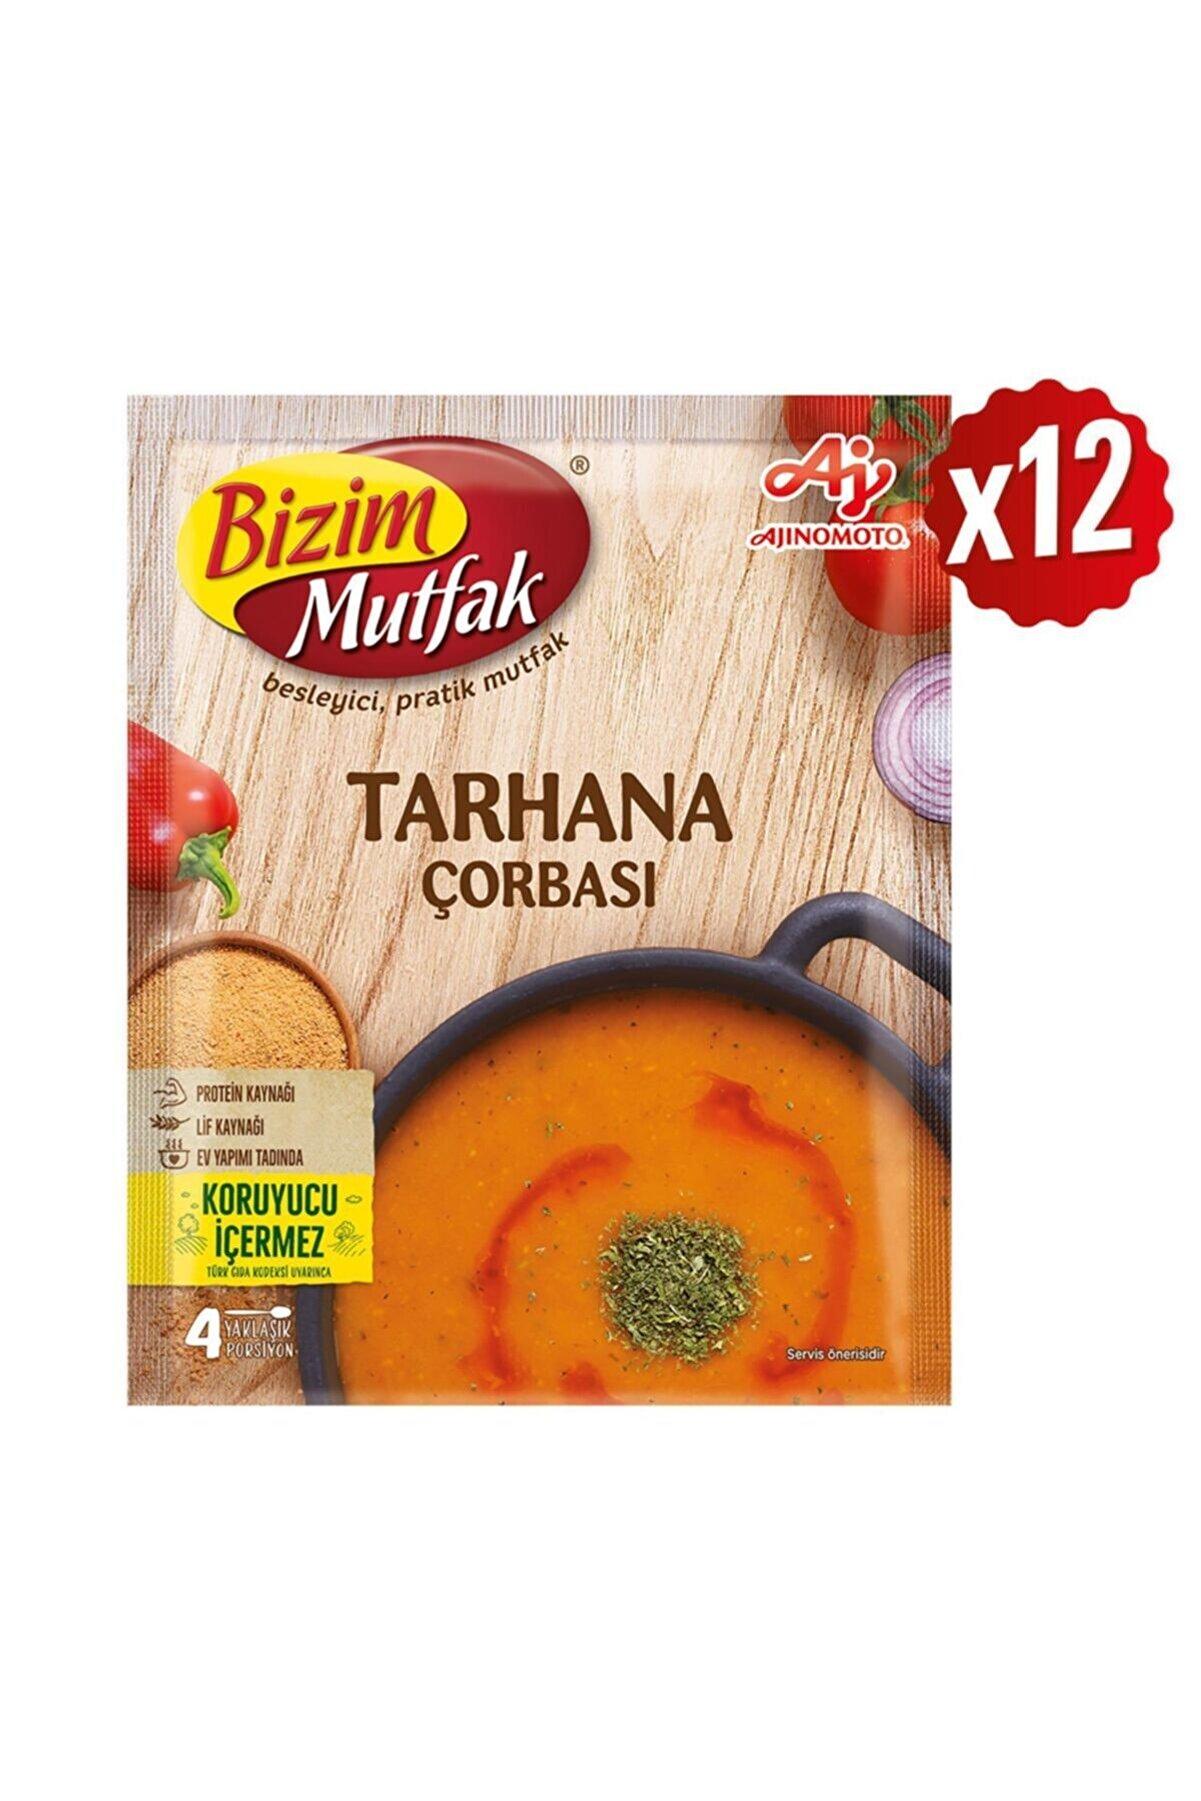 Bizim Mutfak Tarhana Çorbası 65 Gr 12'Li Paket